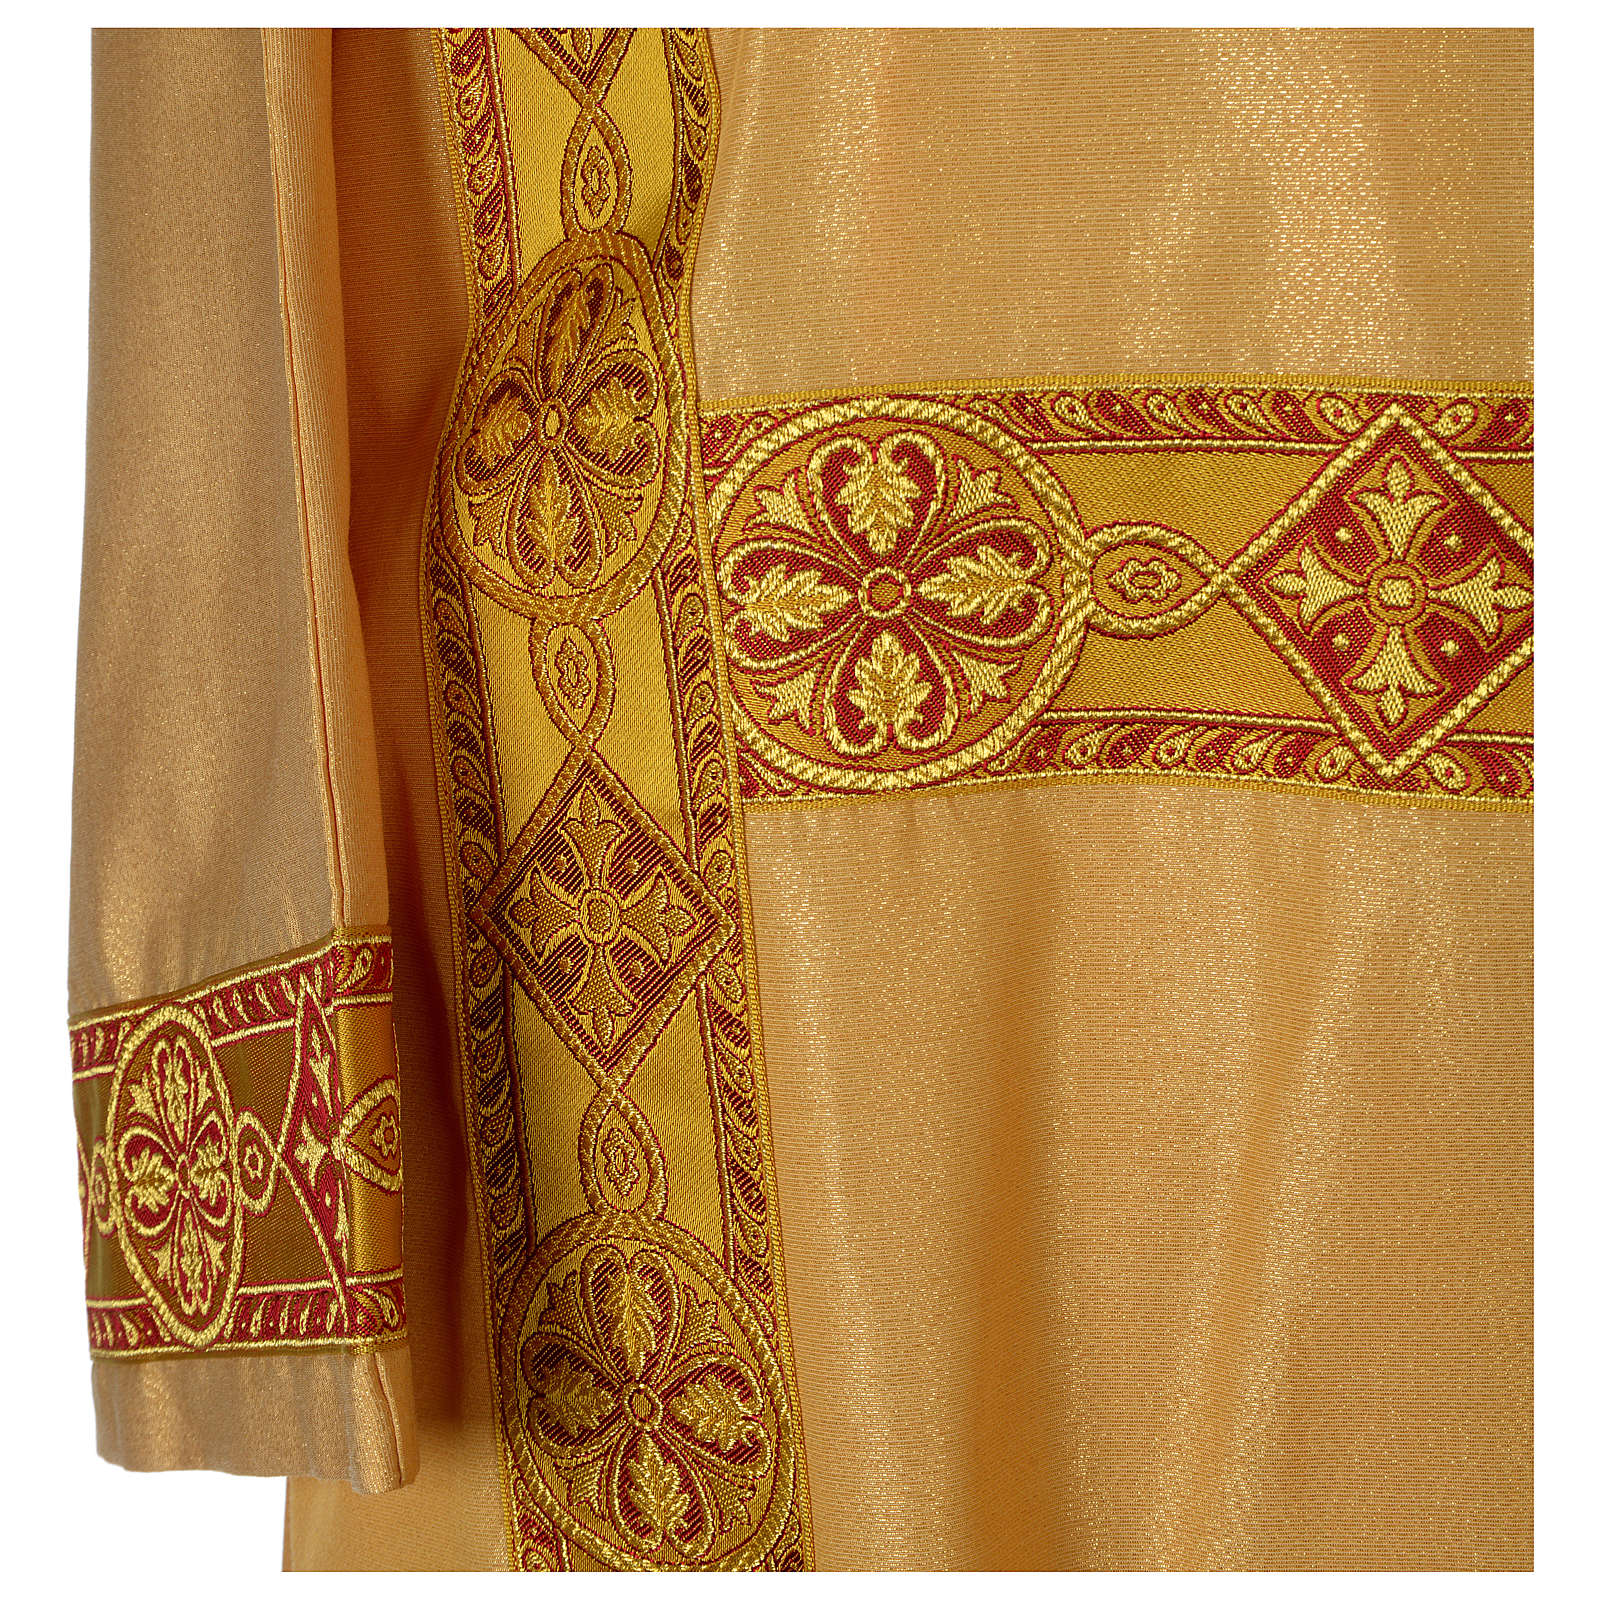 Dalmatica oro faille rigato mezza lana applicazione gallone fronte retro 4